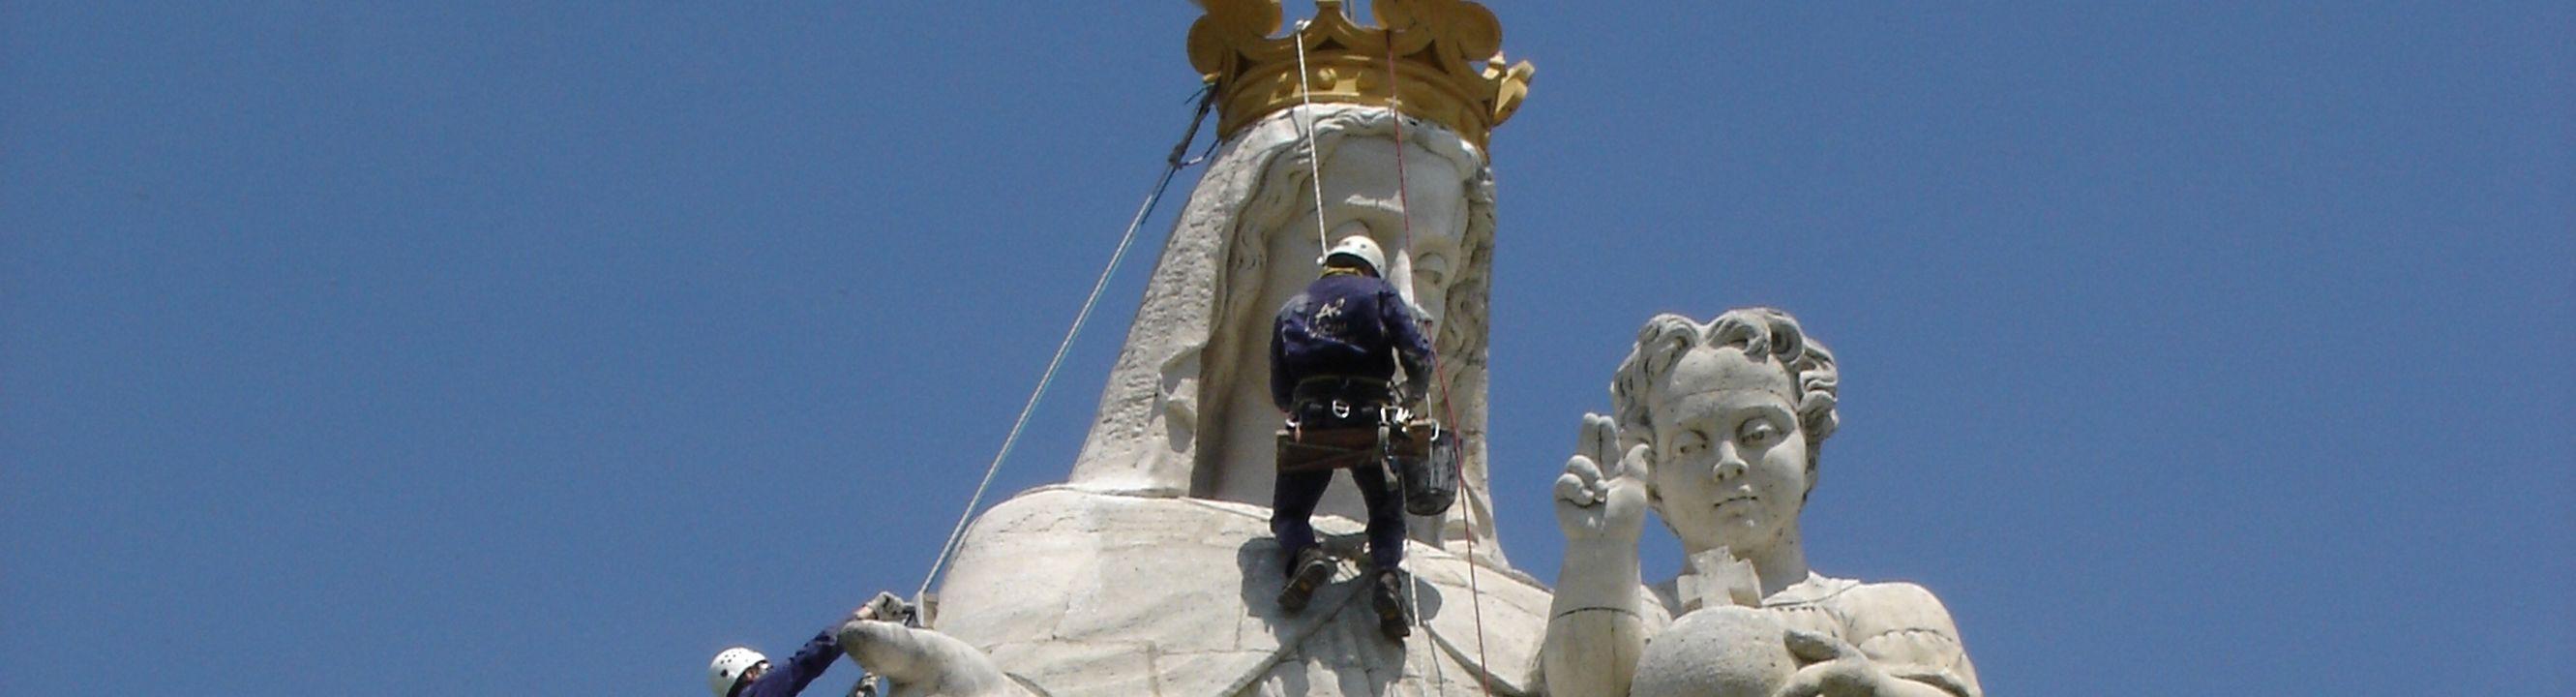 technicien cordiste urbain 38 grenoble maçonnerie isere peinture